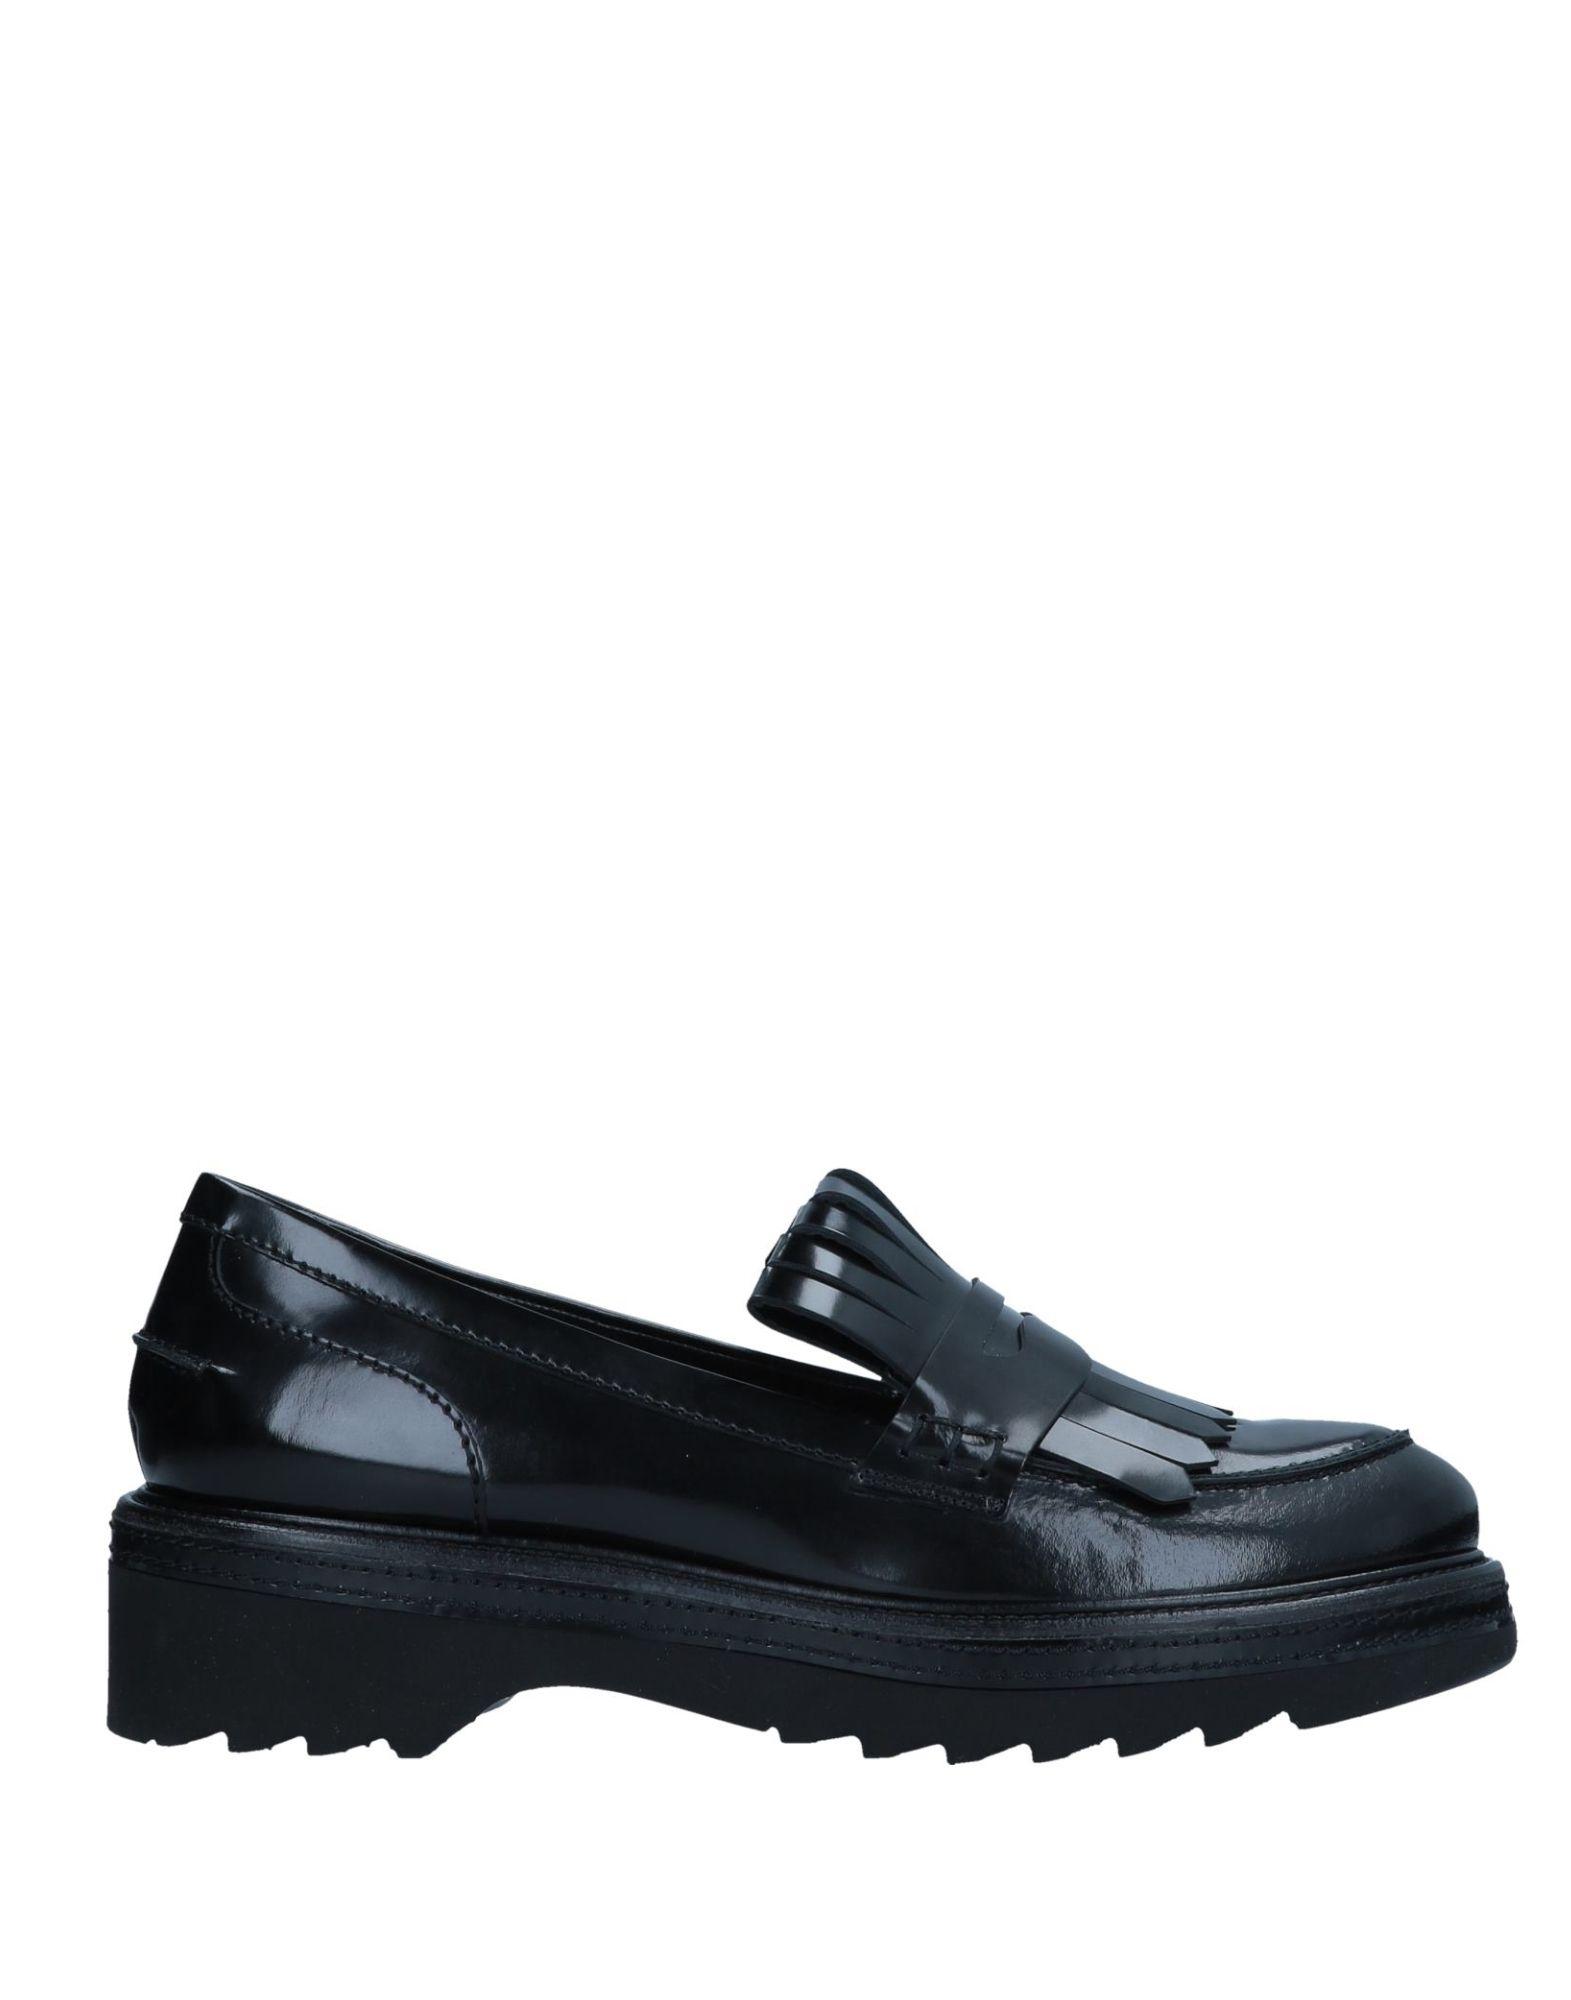 Stilvolle billige Schuhe Guglielmo  Rotta Mokassins Damen  Guglielmo 11313266WM 05da9e